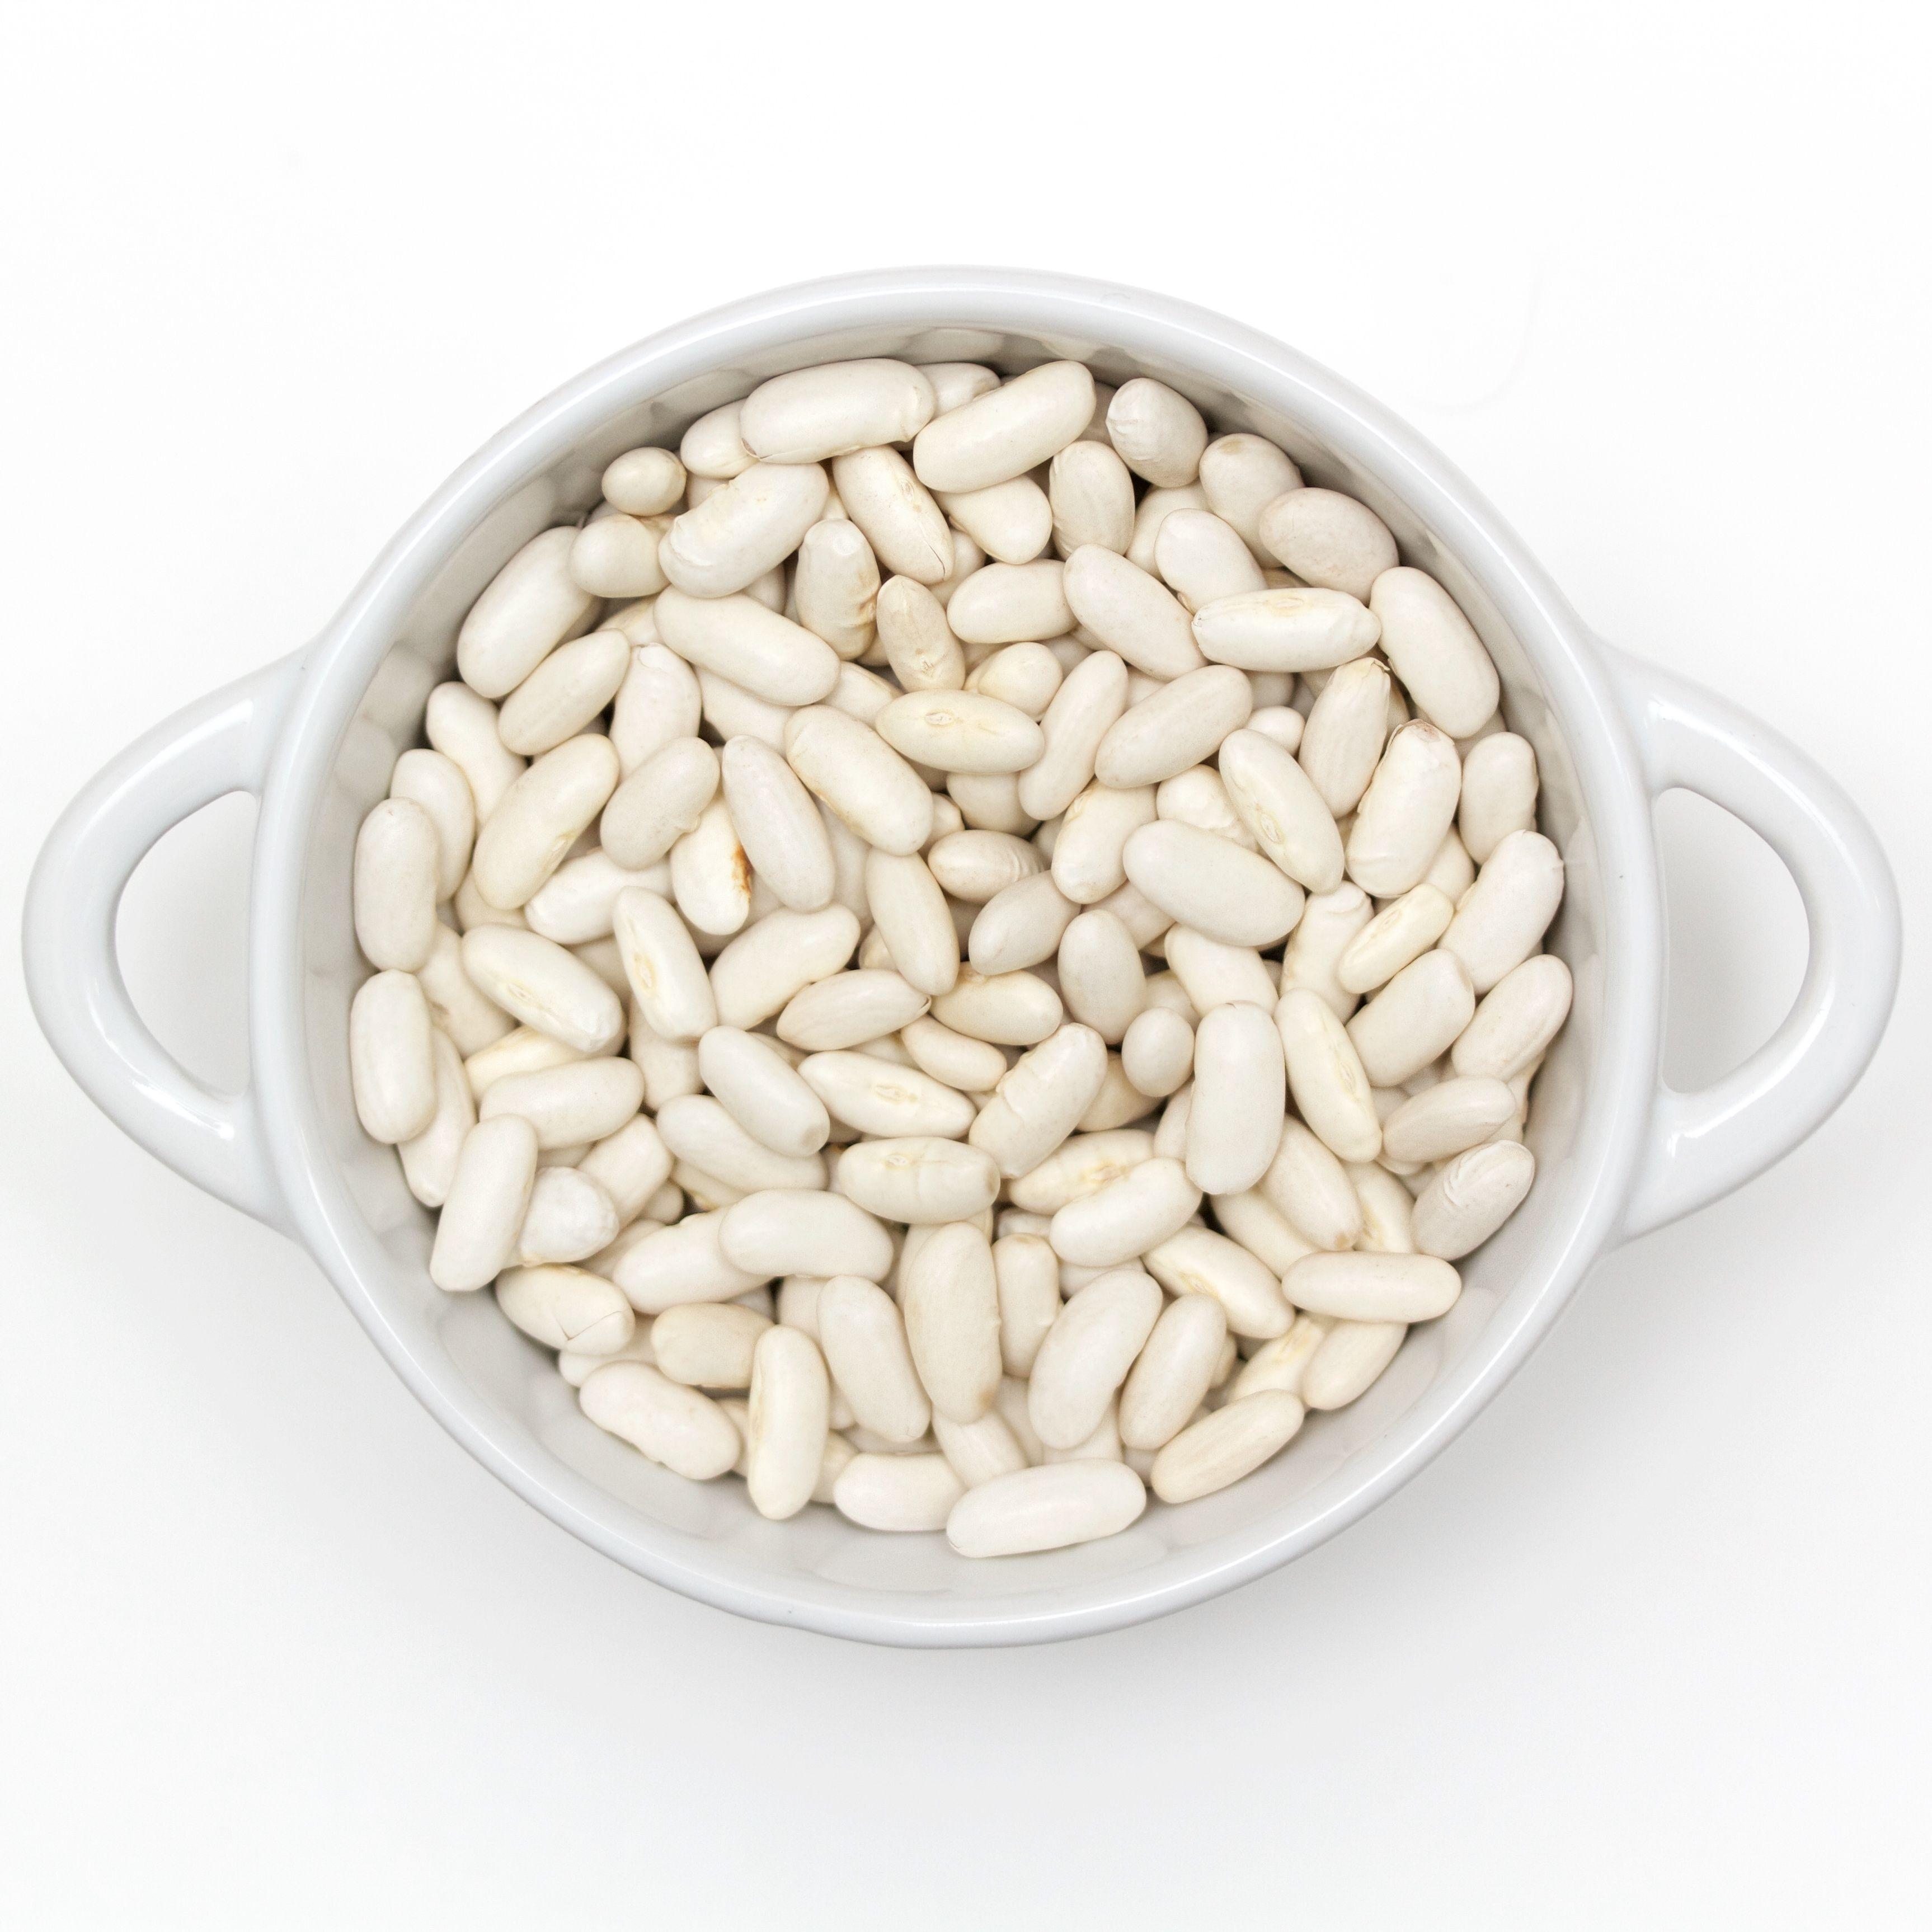 extracto de frijol blanco para bajar de peso